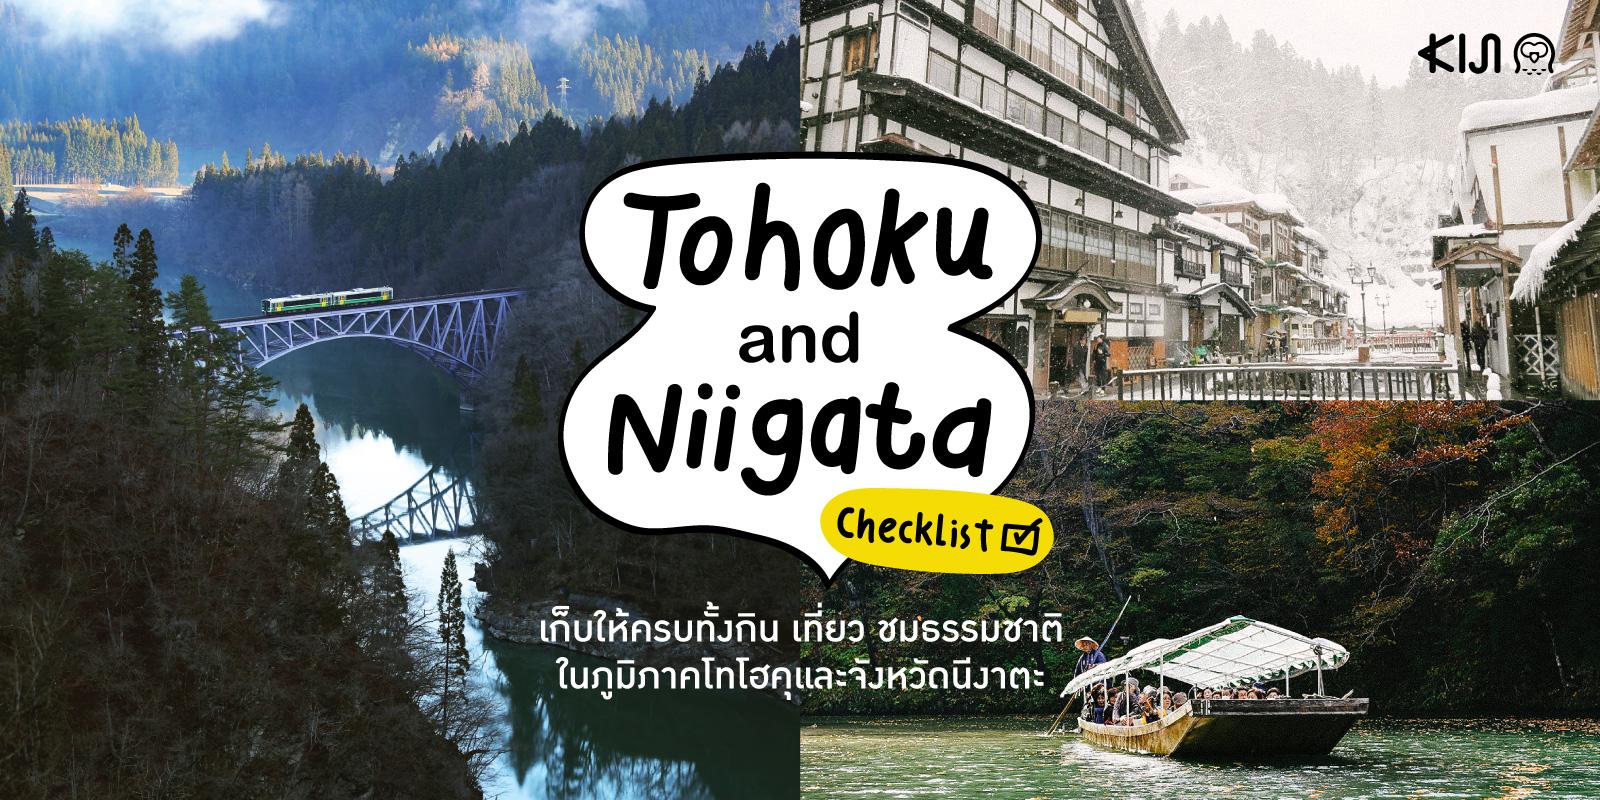 ที่ เที่ยว โทโฮคุ (Tohoku) และ นีงาตะ (Niigata)